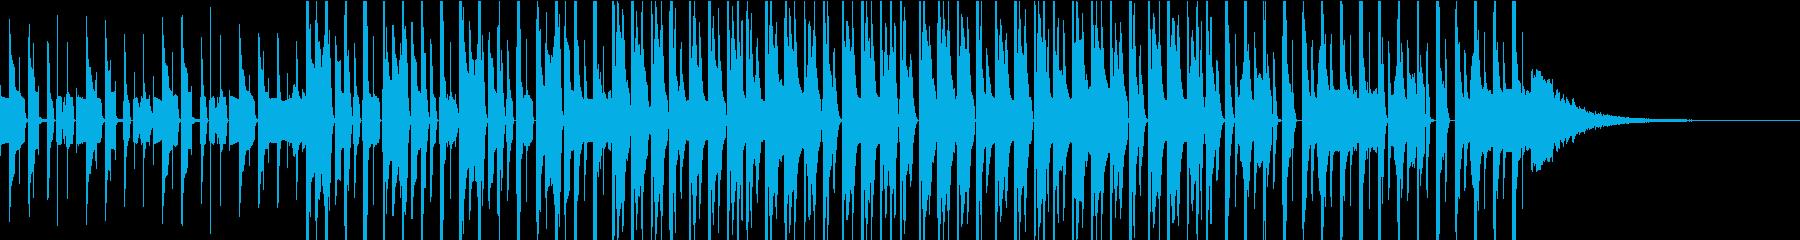 ピコピコ愉快でクールなエレクトロの再生済みの波形